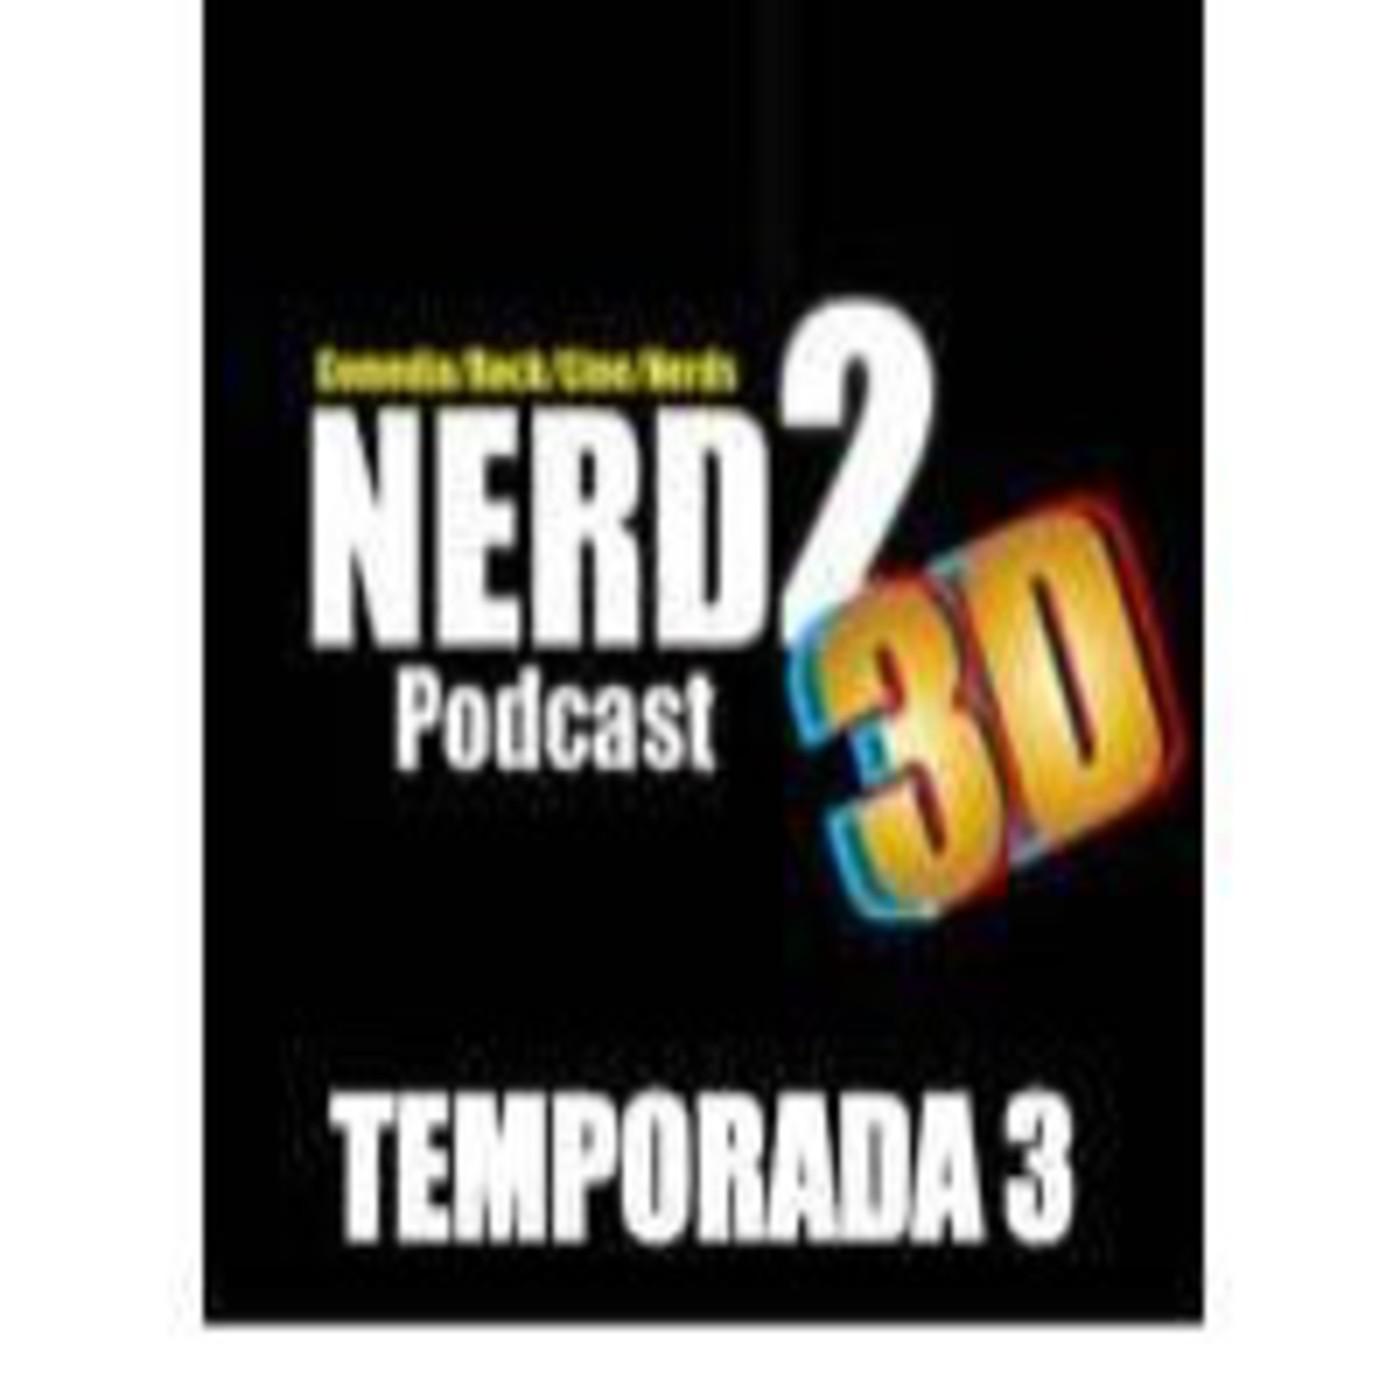 Programa 32. El podcast hereje (19/12/2011)